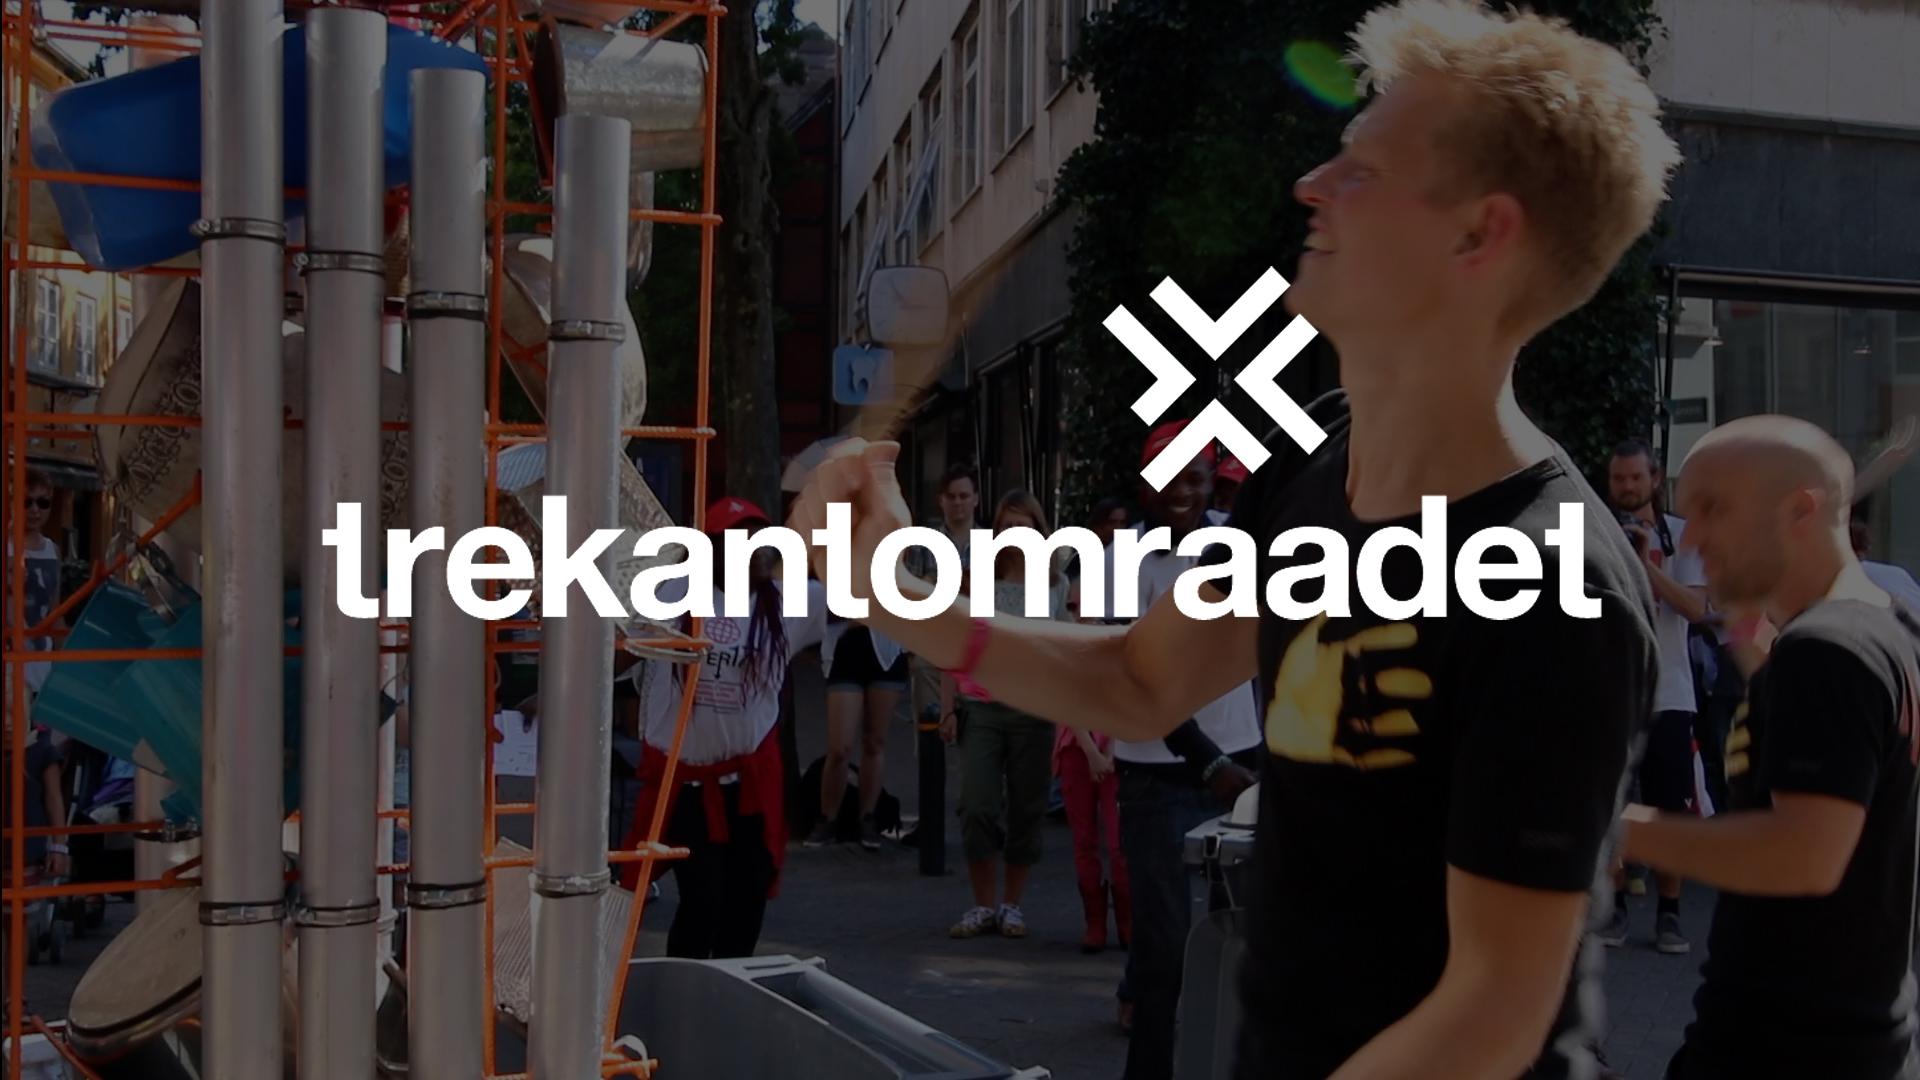 HeartBeat Group optræder på gaden i Trekantomraadet